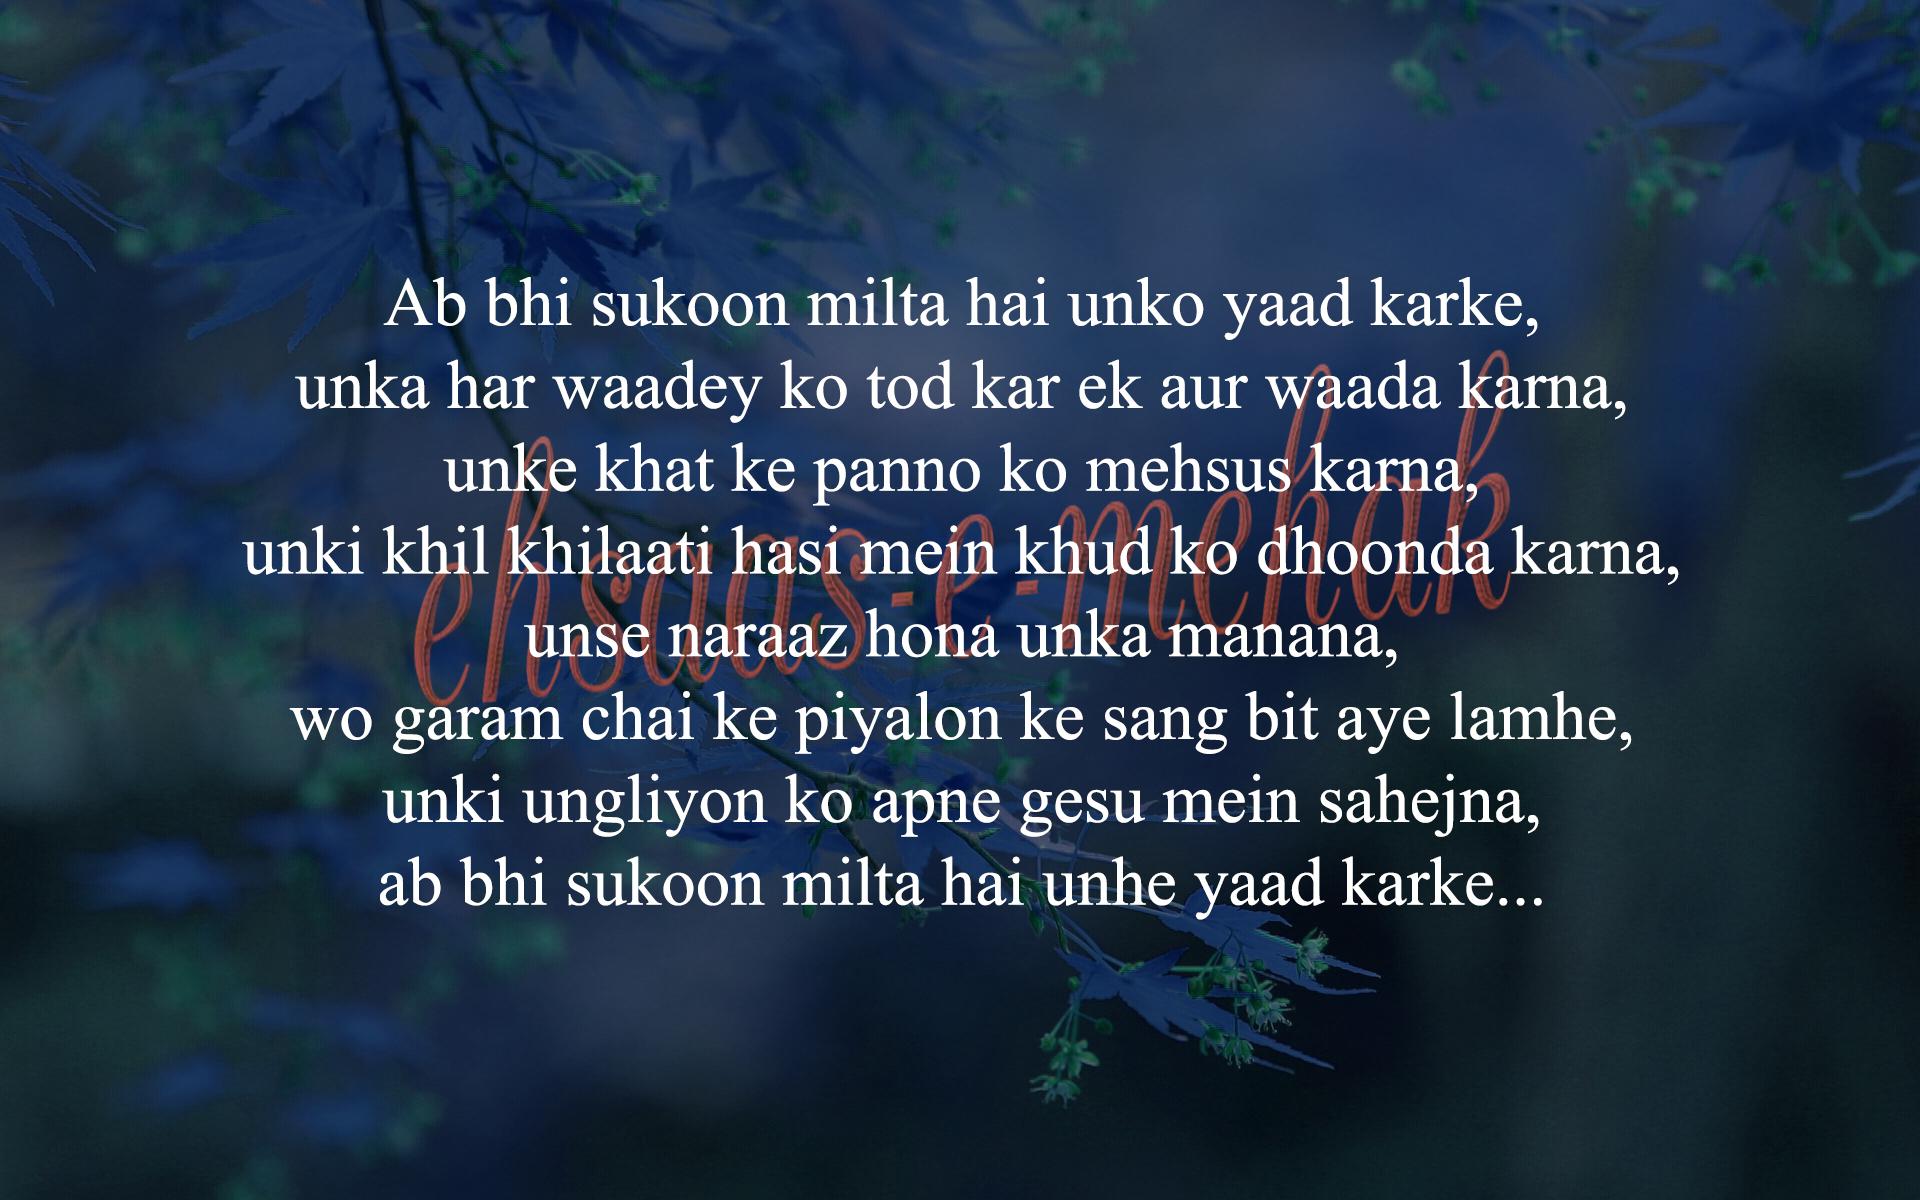 Ab bhi sukoon milta hai unko yaad karke